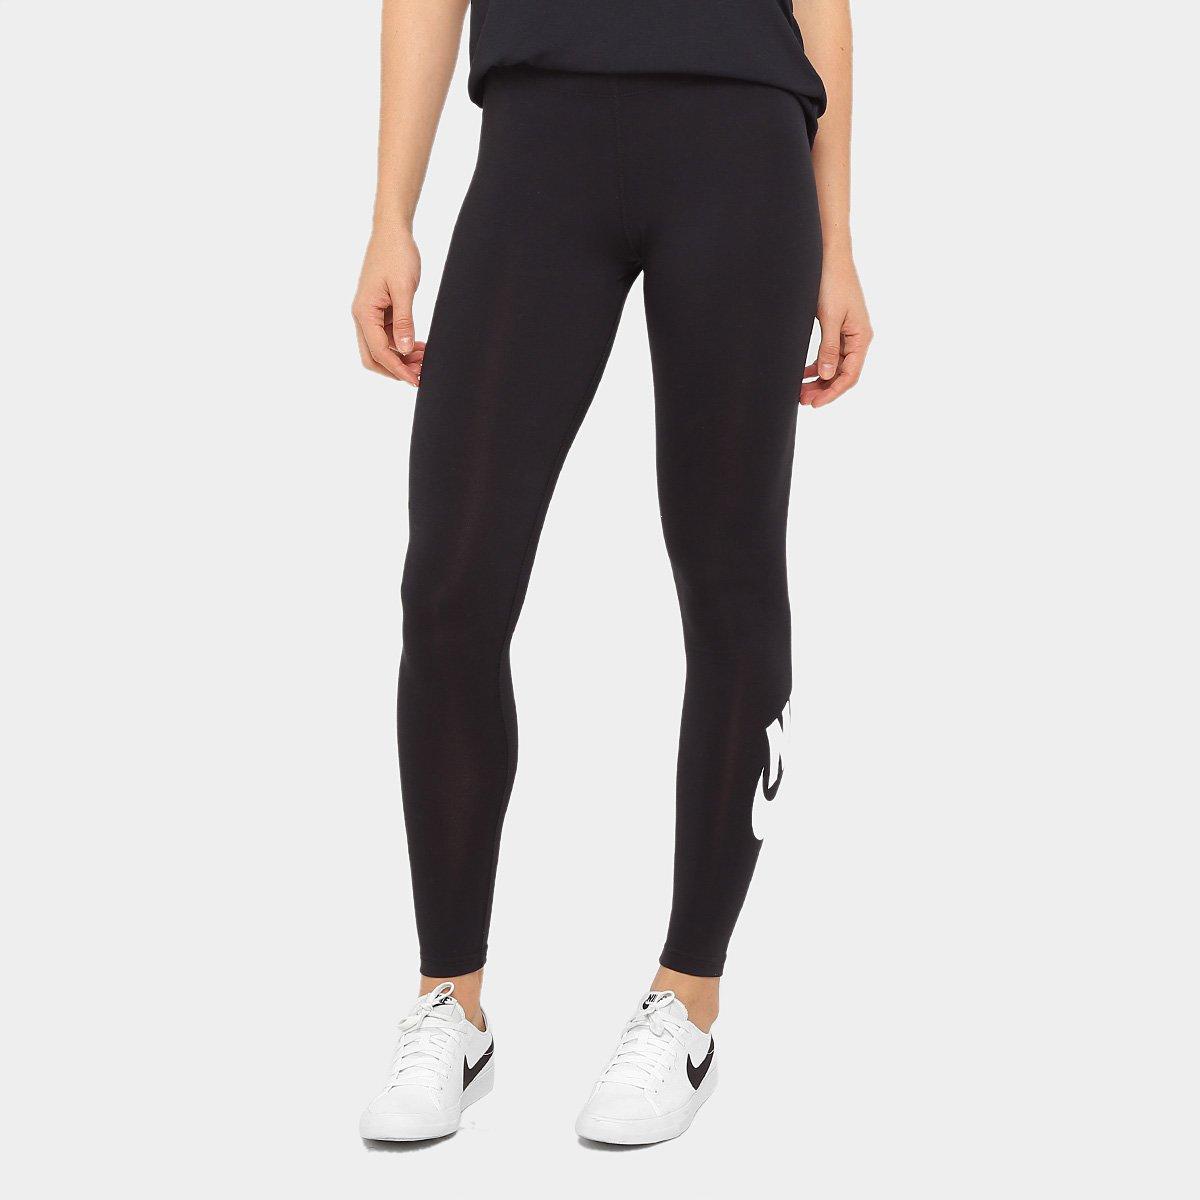 Calça Legging Nike Sportswear Leg-A-See Logo - Compre Agora  fc1f2006c285d